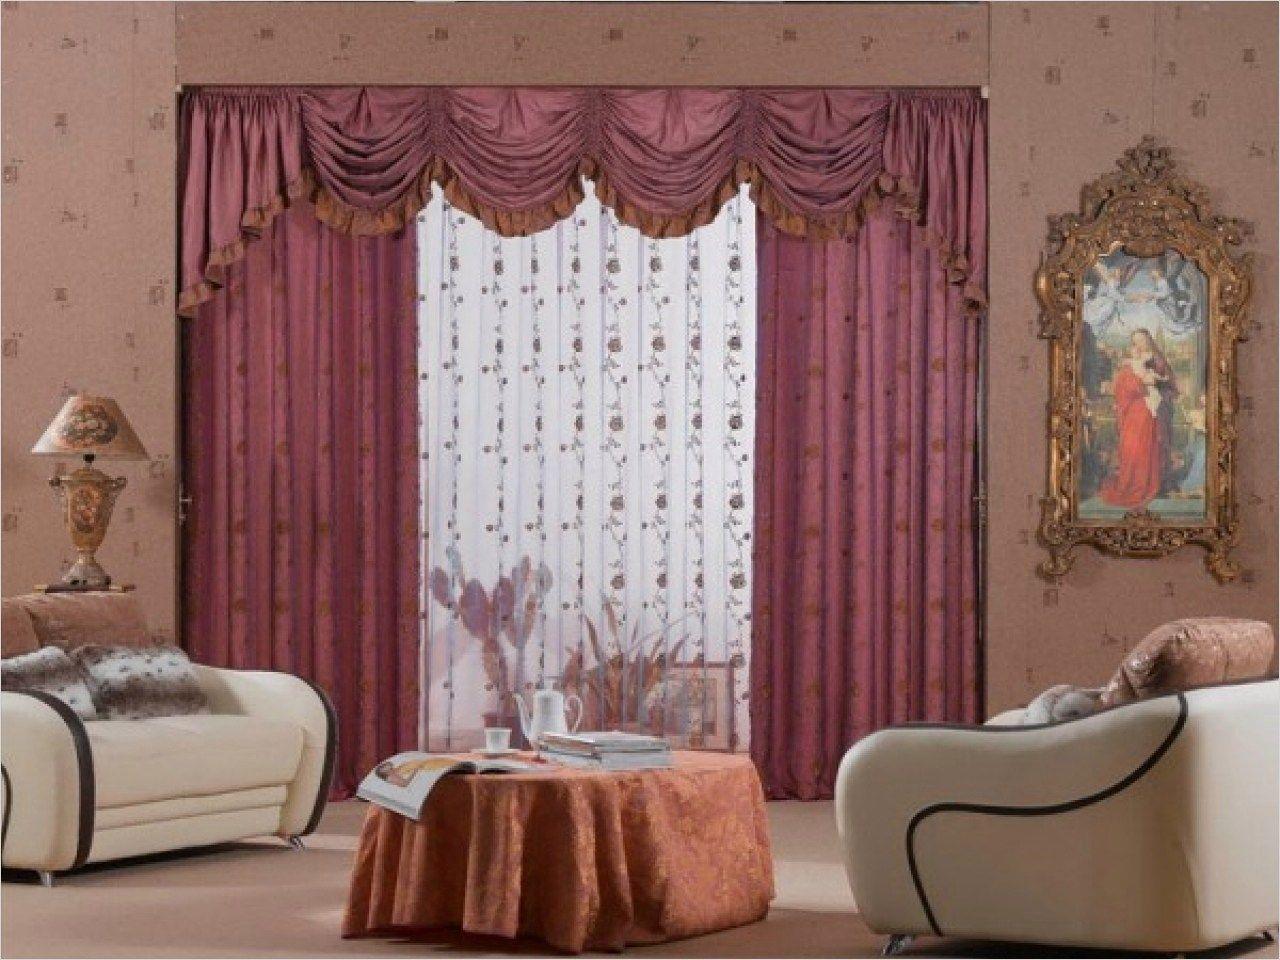 41 Stunning Simple Living Room Curtain Ideas 44 Living Room Ideas Simple Window Curtains I Curtains Living Room Elegant Living Room Window Curtains Living Room Living room drapes ideas